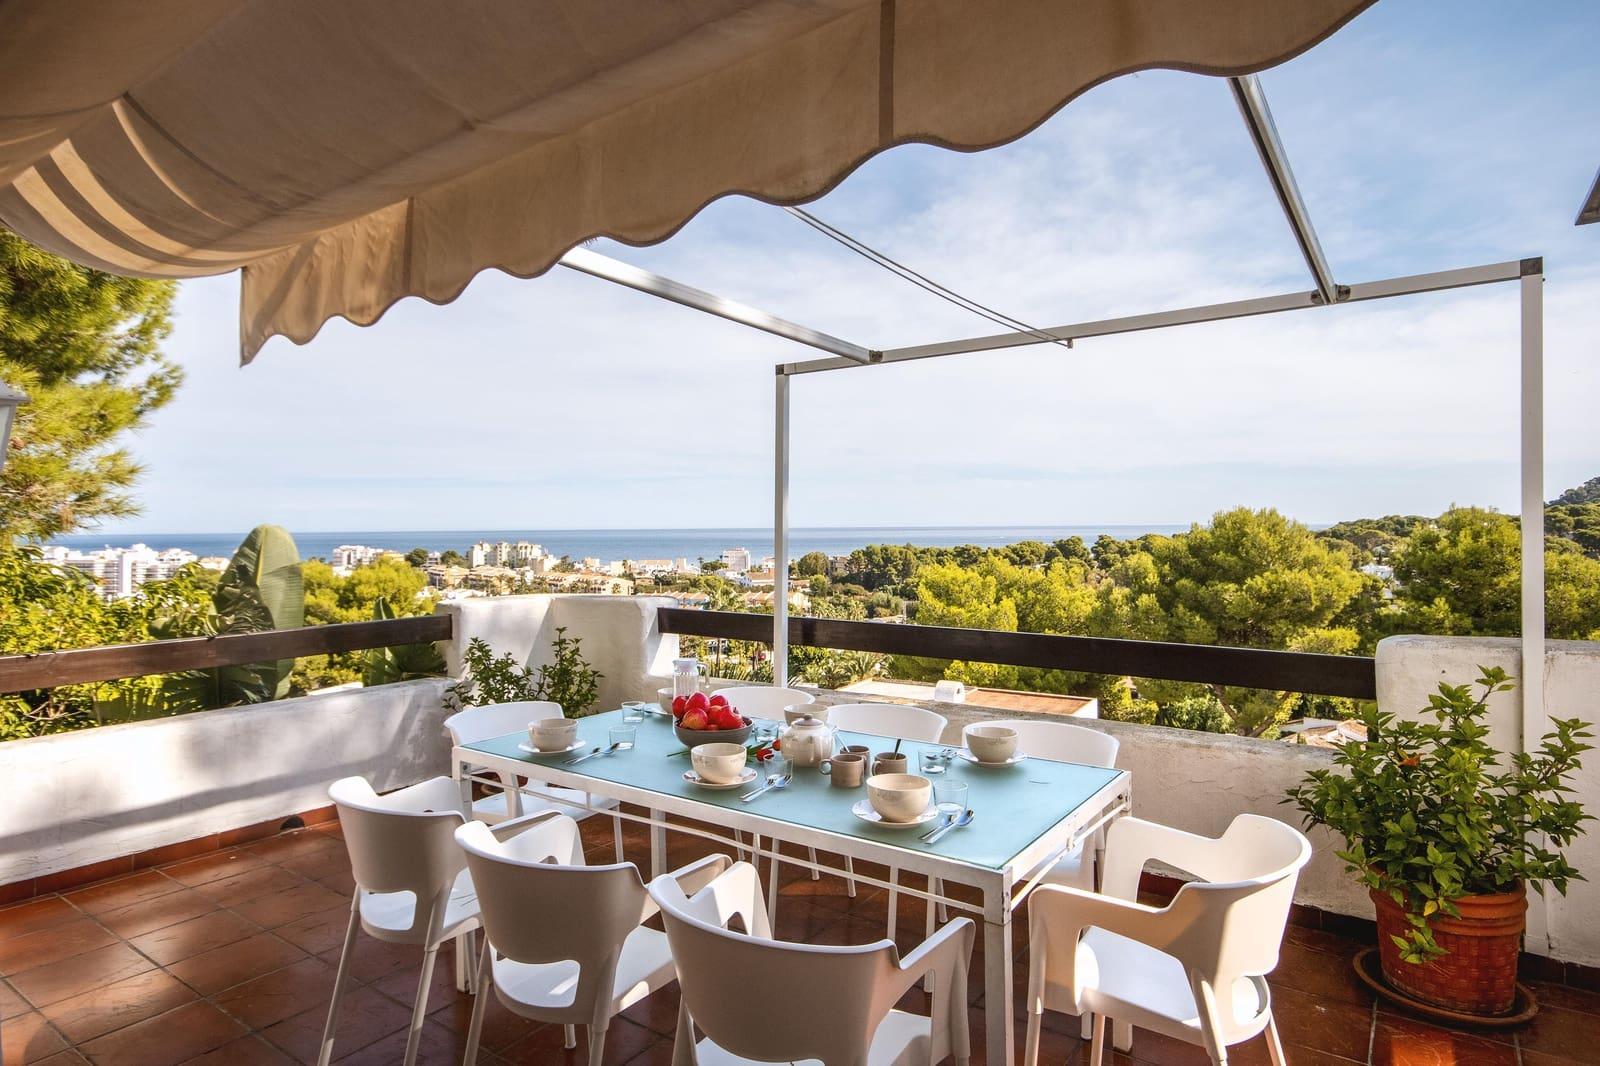 Casa de 2 habitaciones en Javea / Xàbia en alquiler vacacional con piscina garaje - 392 € (Ref: 5640492)